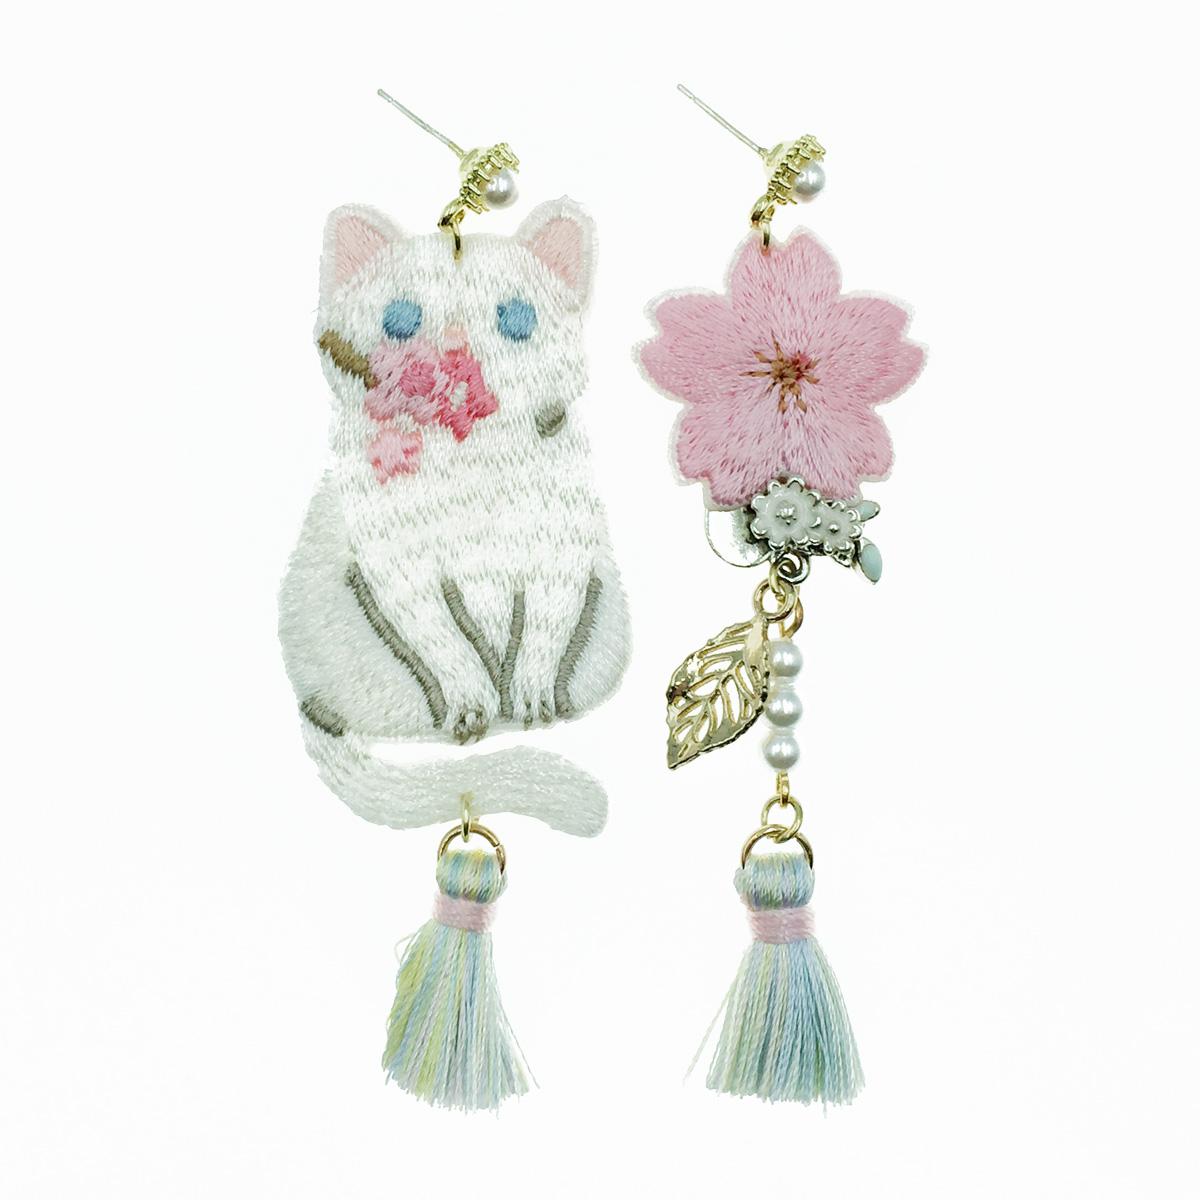 韓國 925純銀 貓咪 花葉子 燙布貼 珍珠流蘇 垂墜感 耳針式耳環